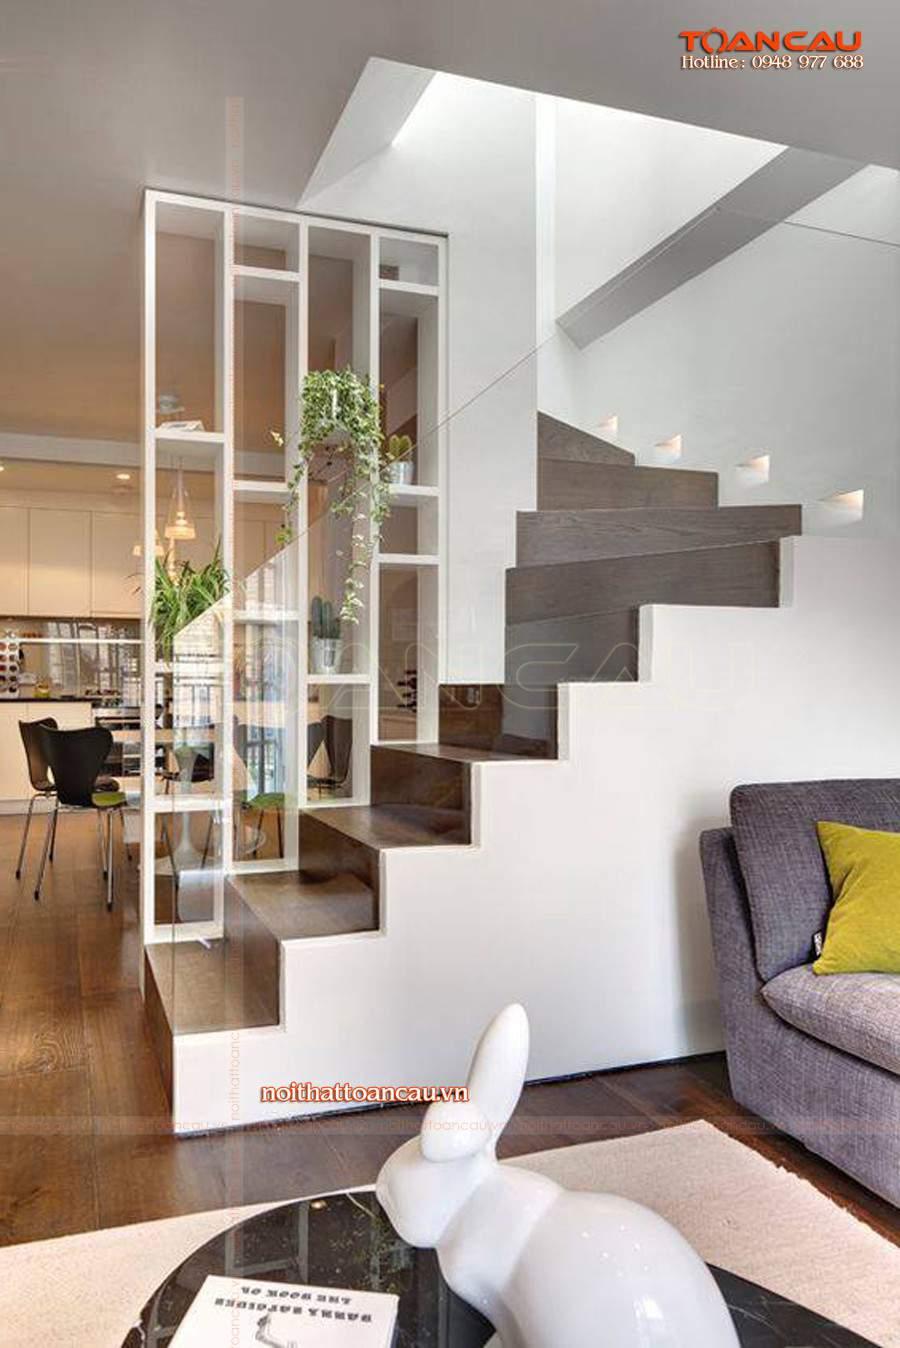 Thiết kế vách ngăn phòng khách và bếp bằng gỗ công nghệp